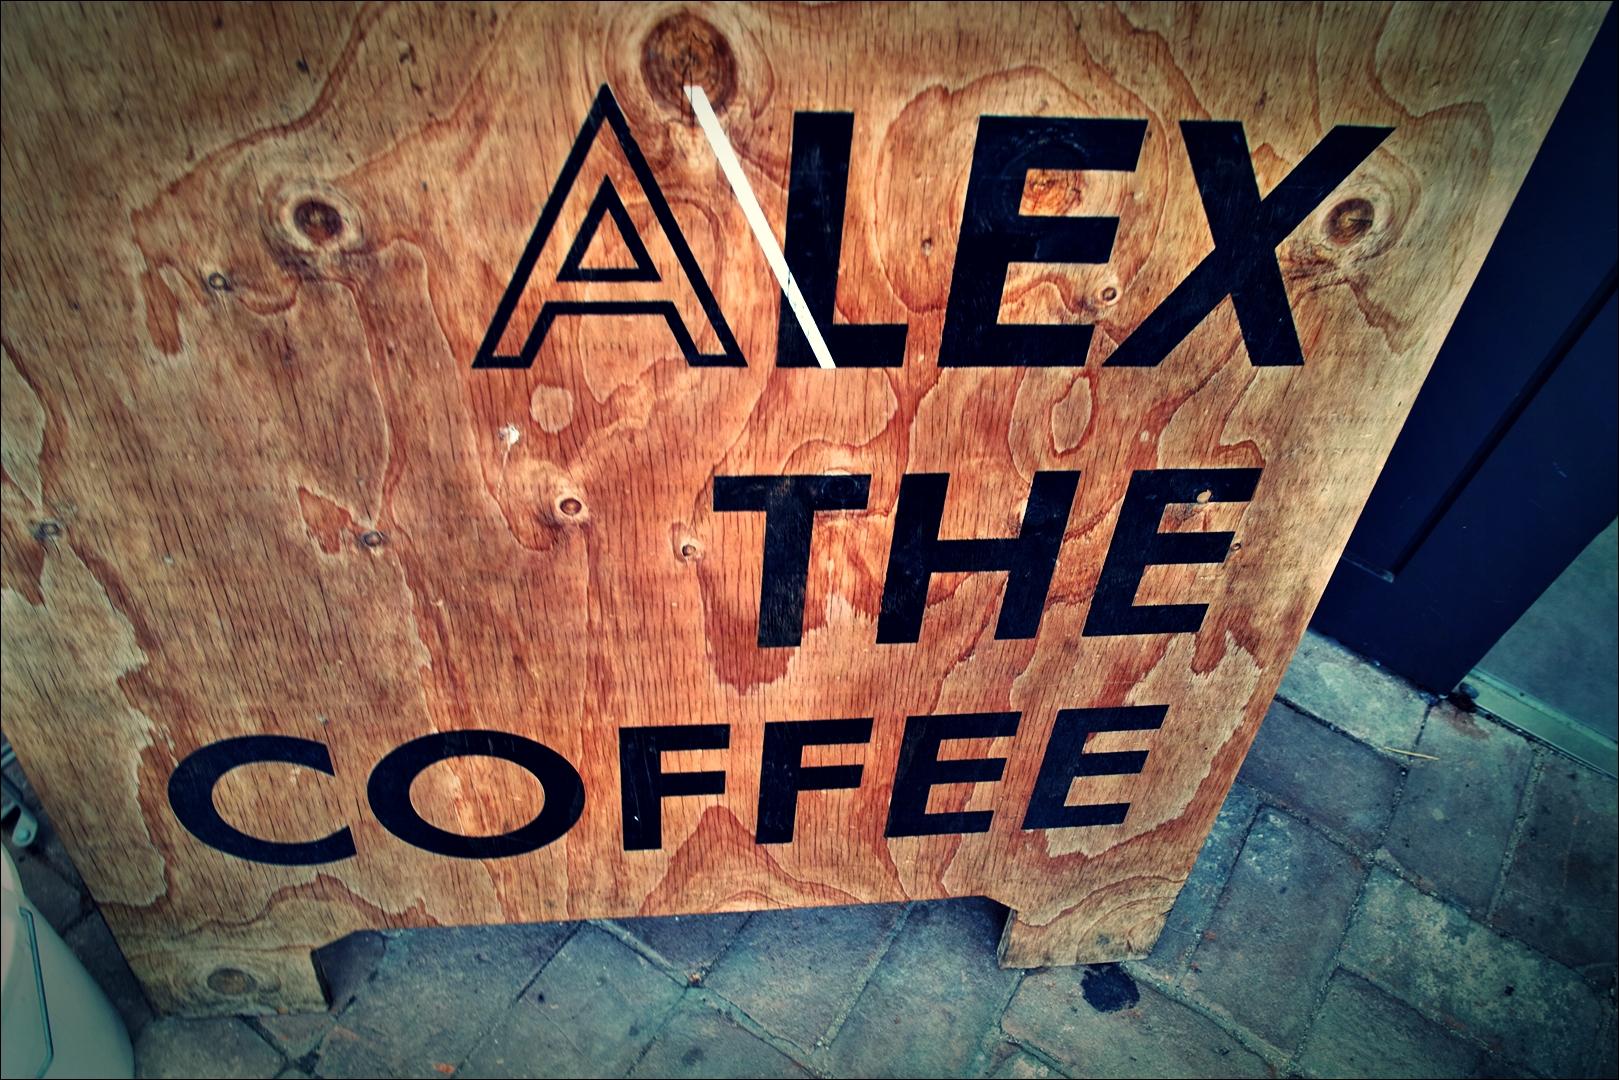 간판-'알렉스 더 커피 Alex the coffee'